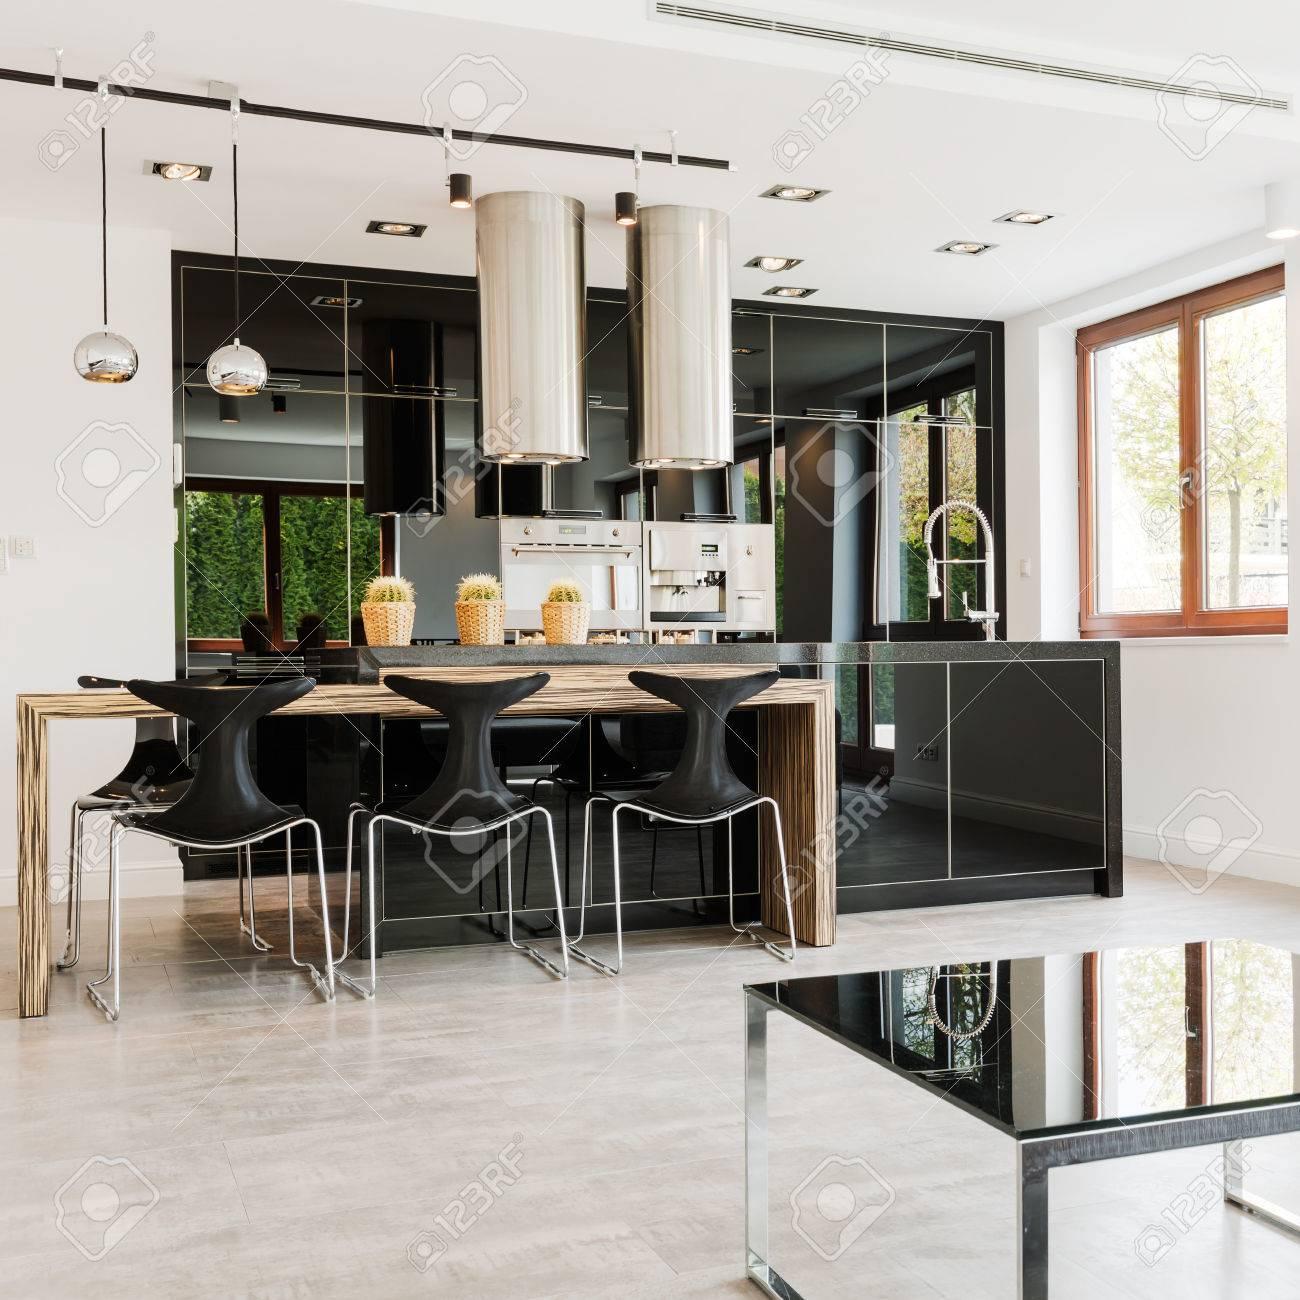 Offene Moderne Küche Mit Kücheninsel Aus Holz Und Hochglanz ...